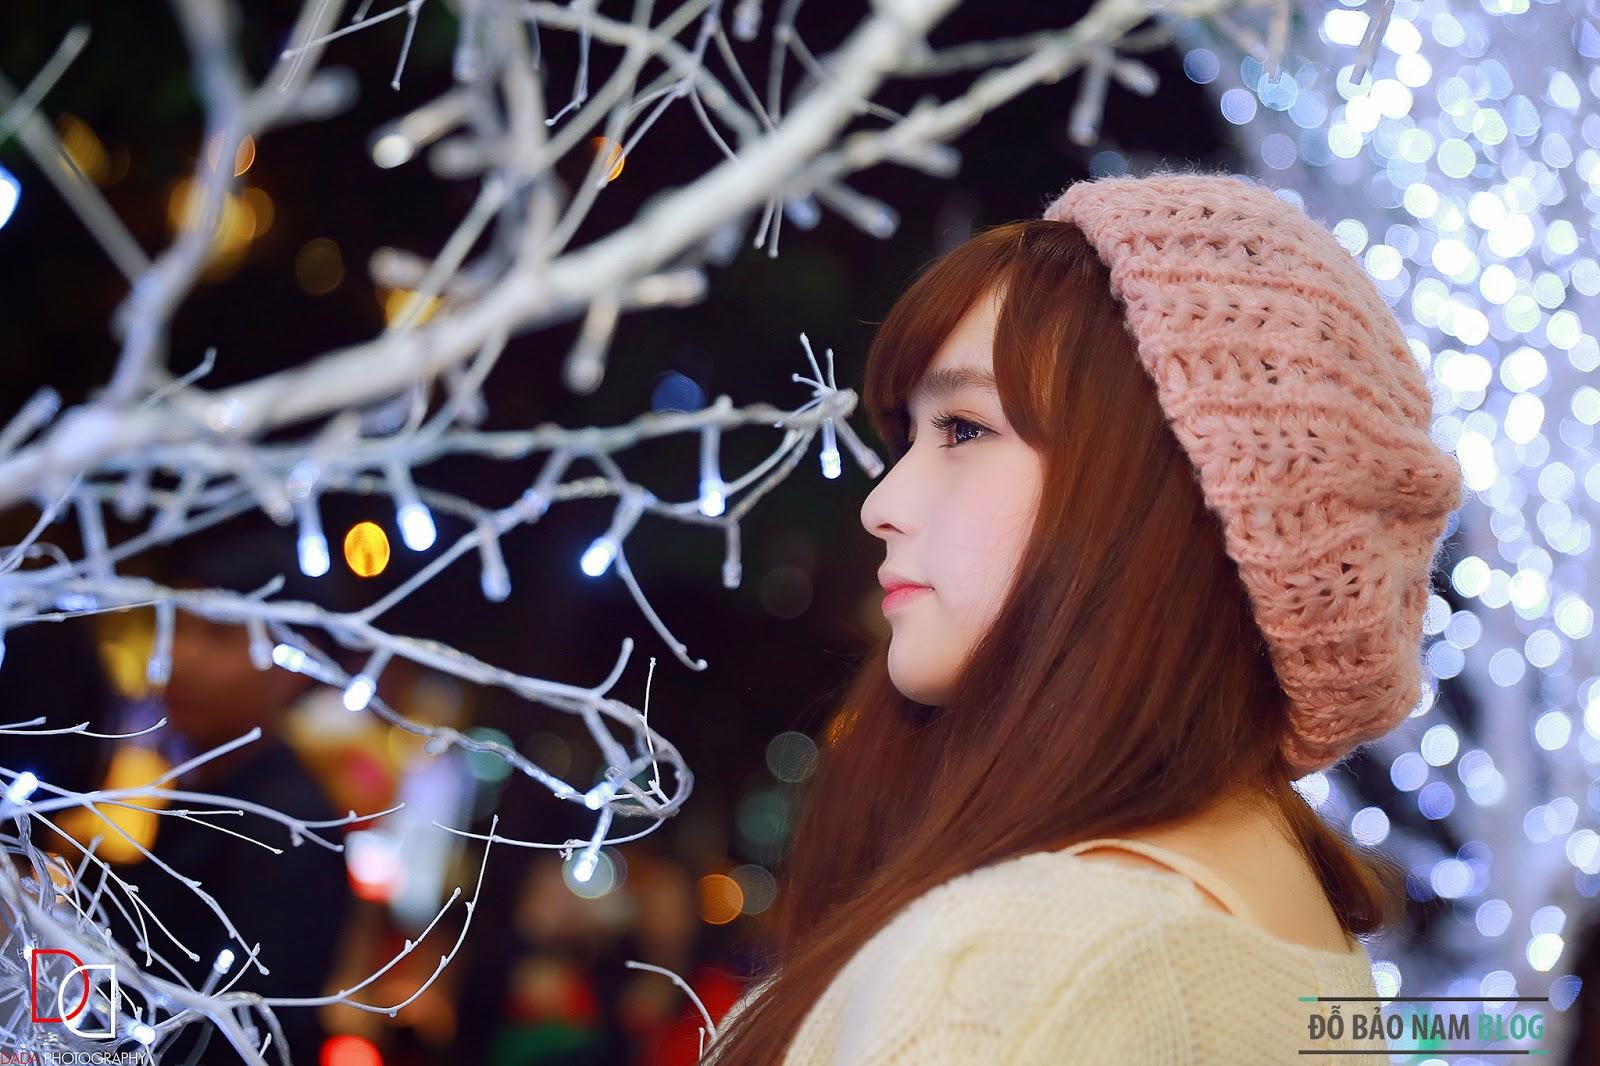 Ảnh đẹp girl xinh mới nhất 2014 được tuyển chọn 02